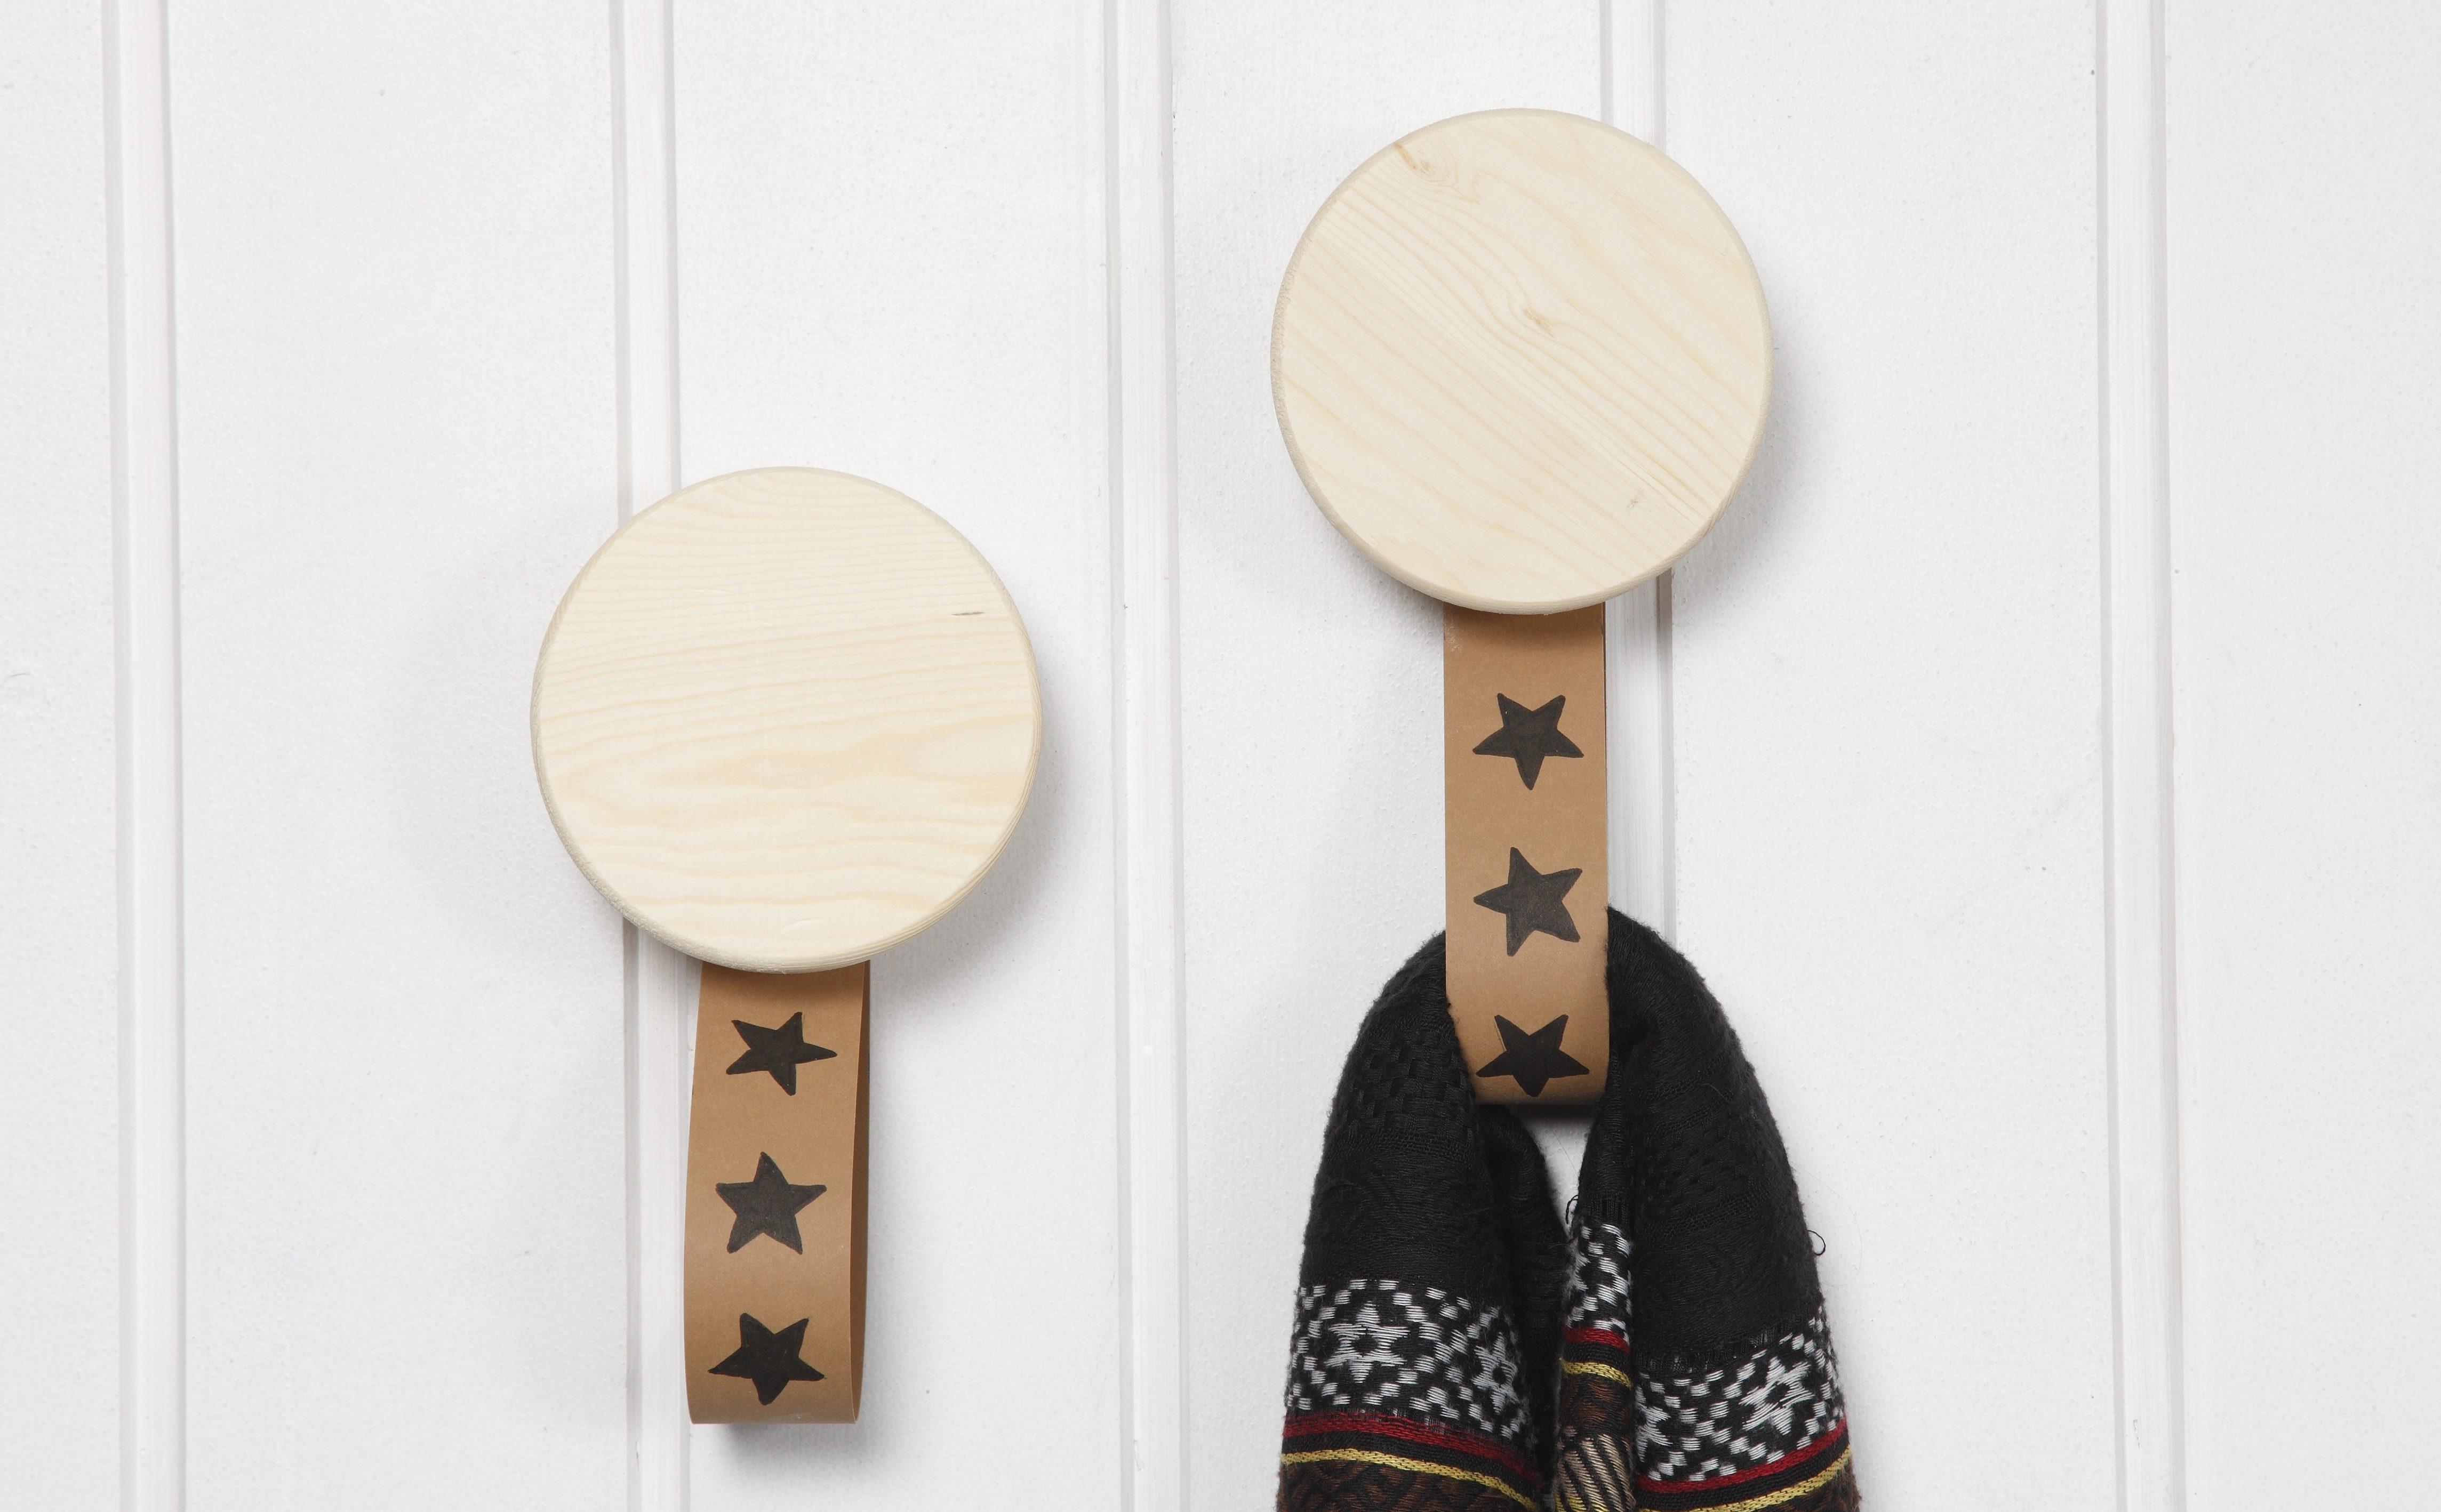 leerpapier en houten haken inspiratie